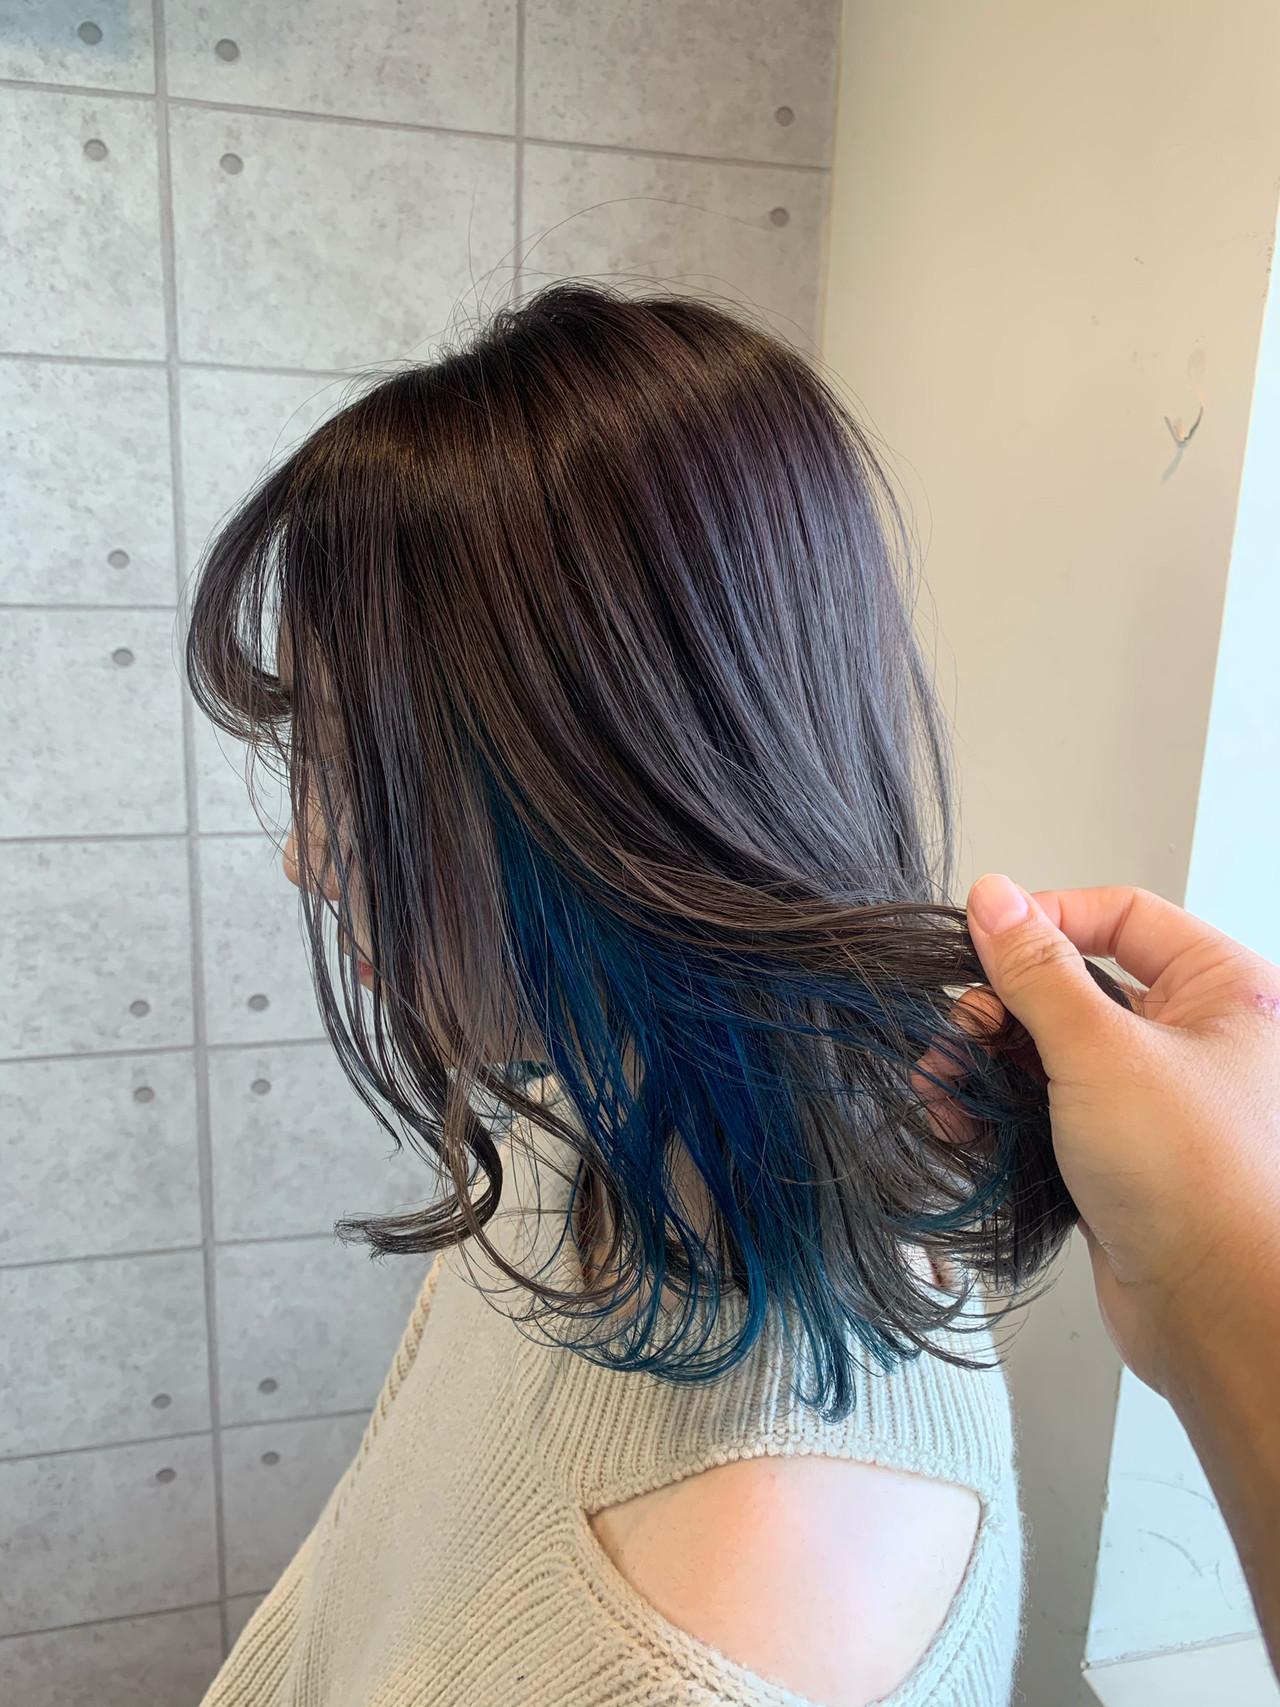 ガーリー ブリーチ ブルー ポイントカラー ヘアスタイルや髪型の写真・画像